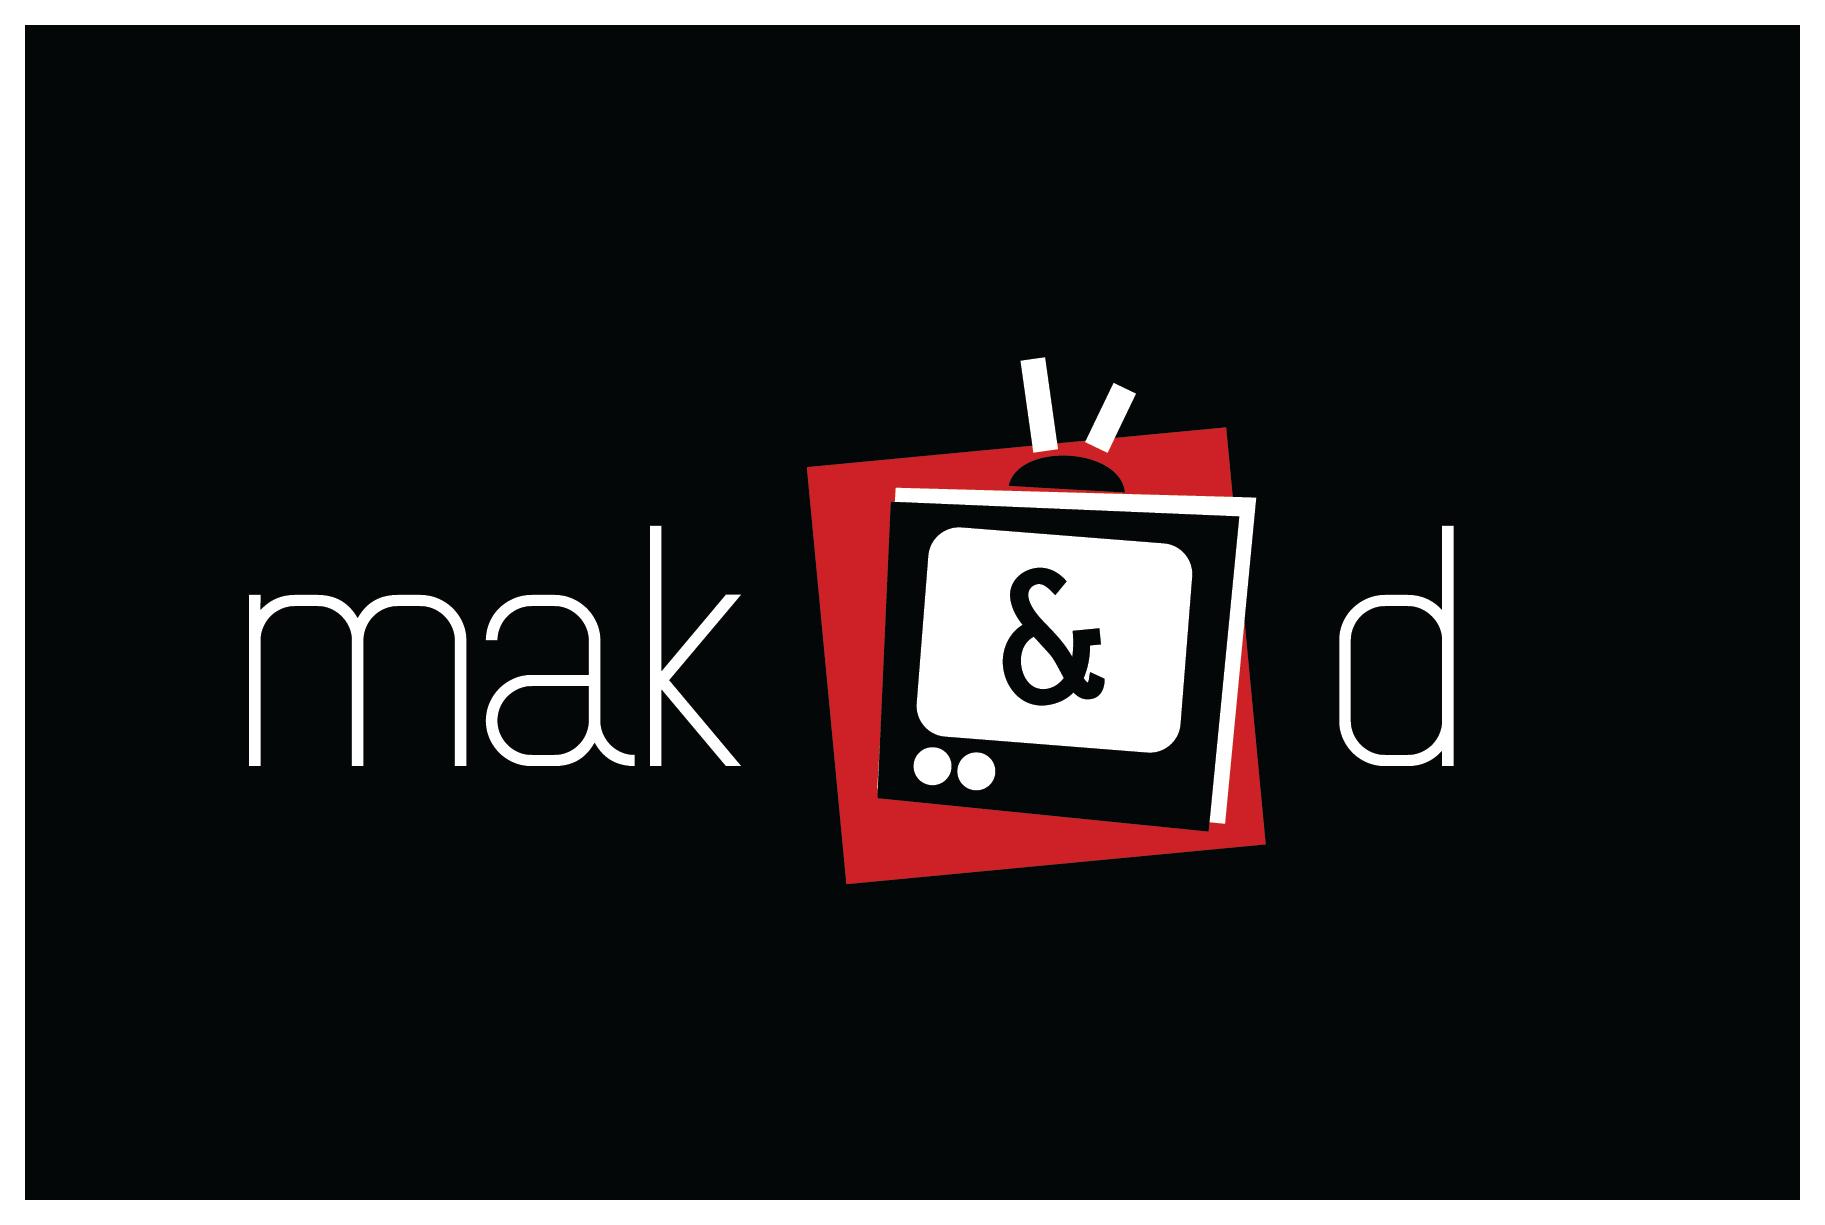 114: Black TV Talk